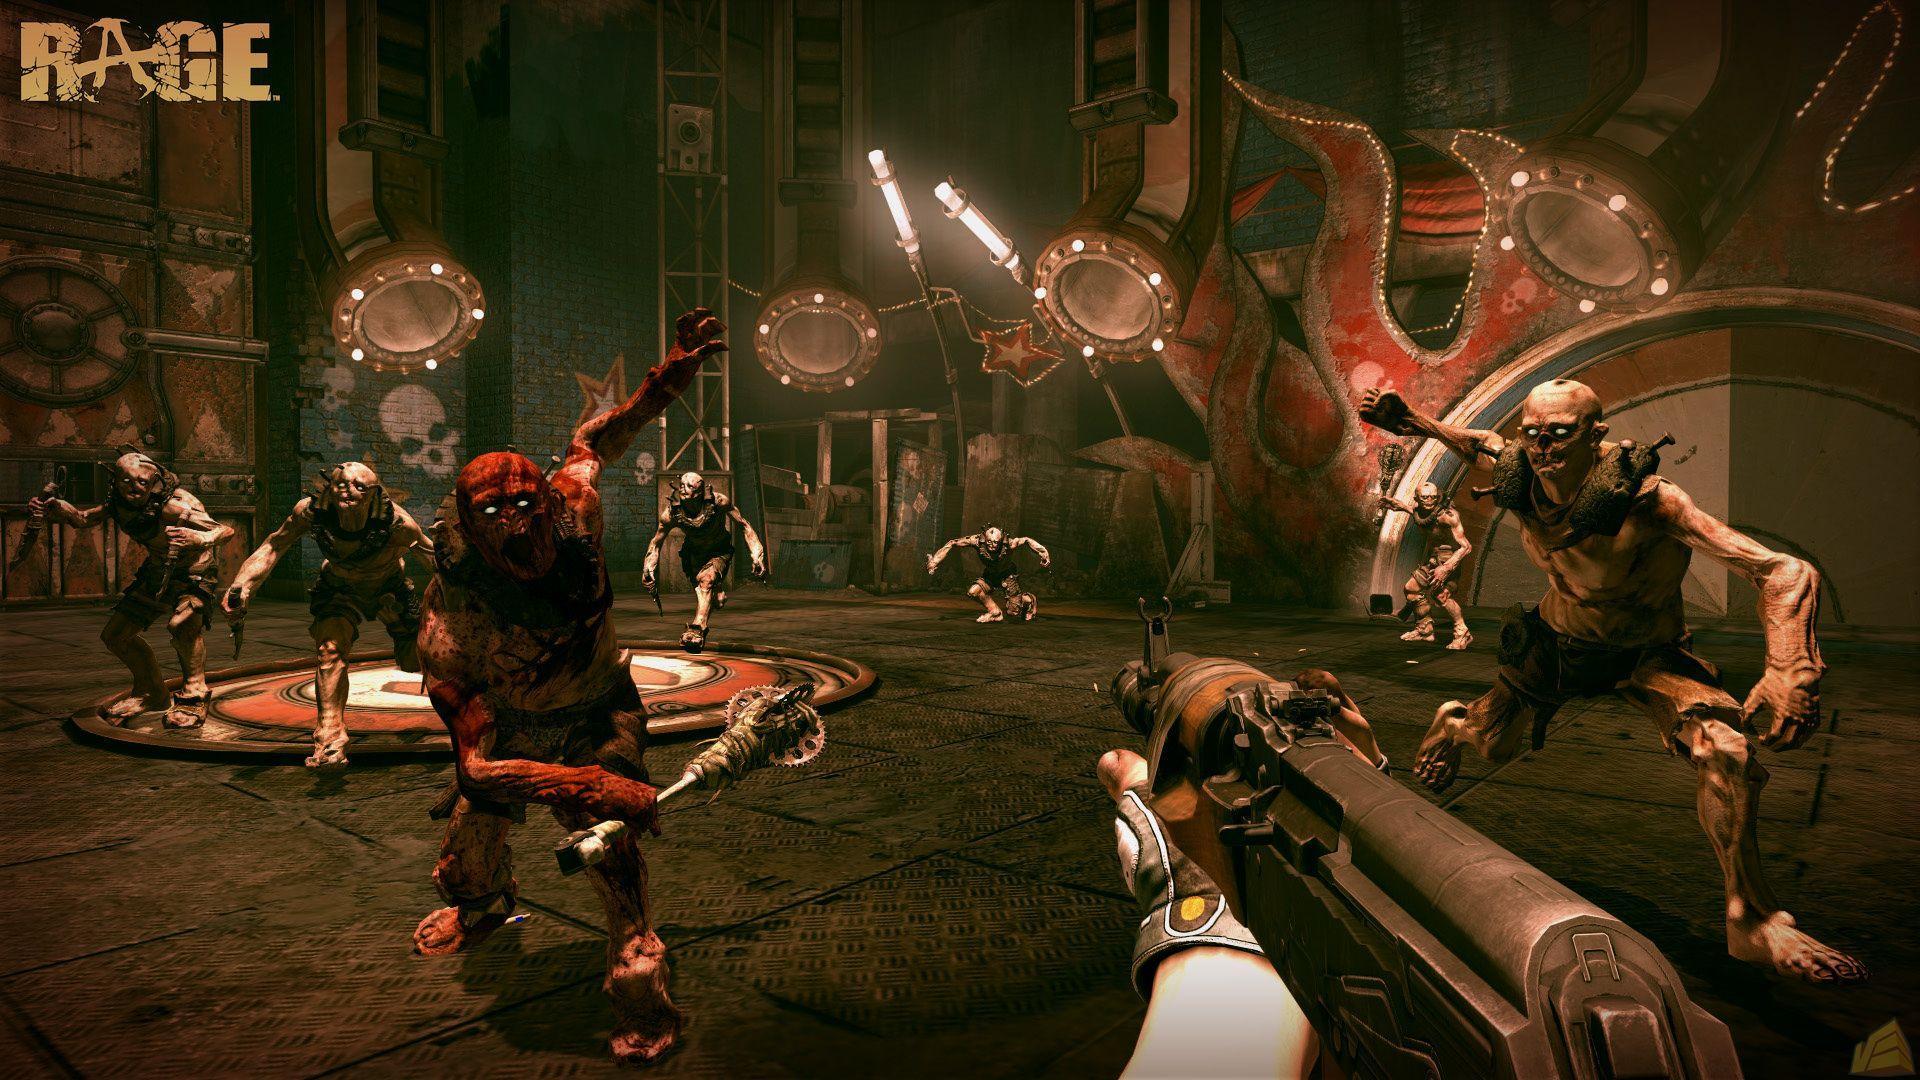 《狂怒》最新游戏画面(1)图片